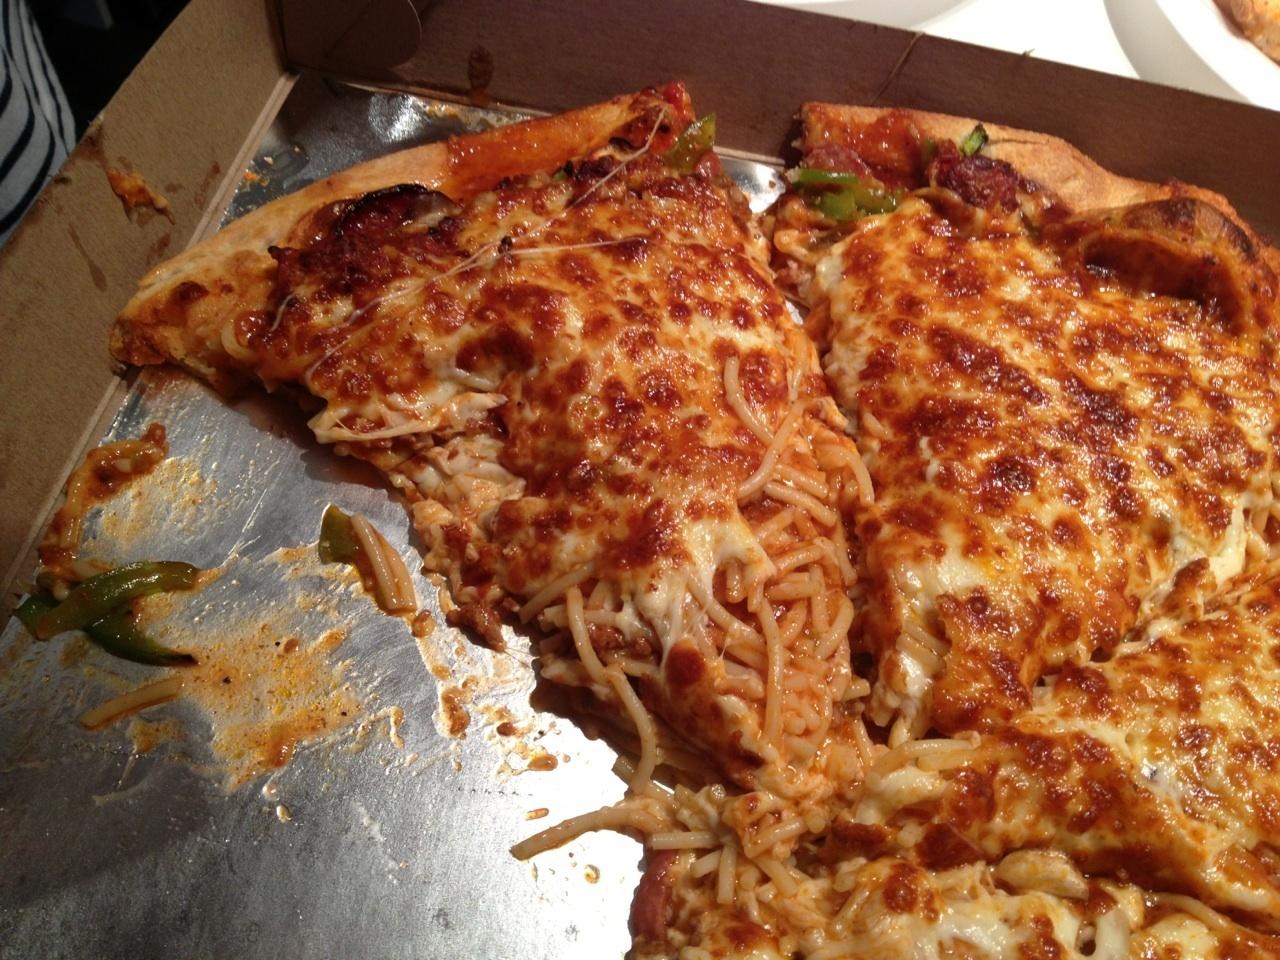 Pizzaguetti